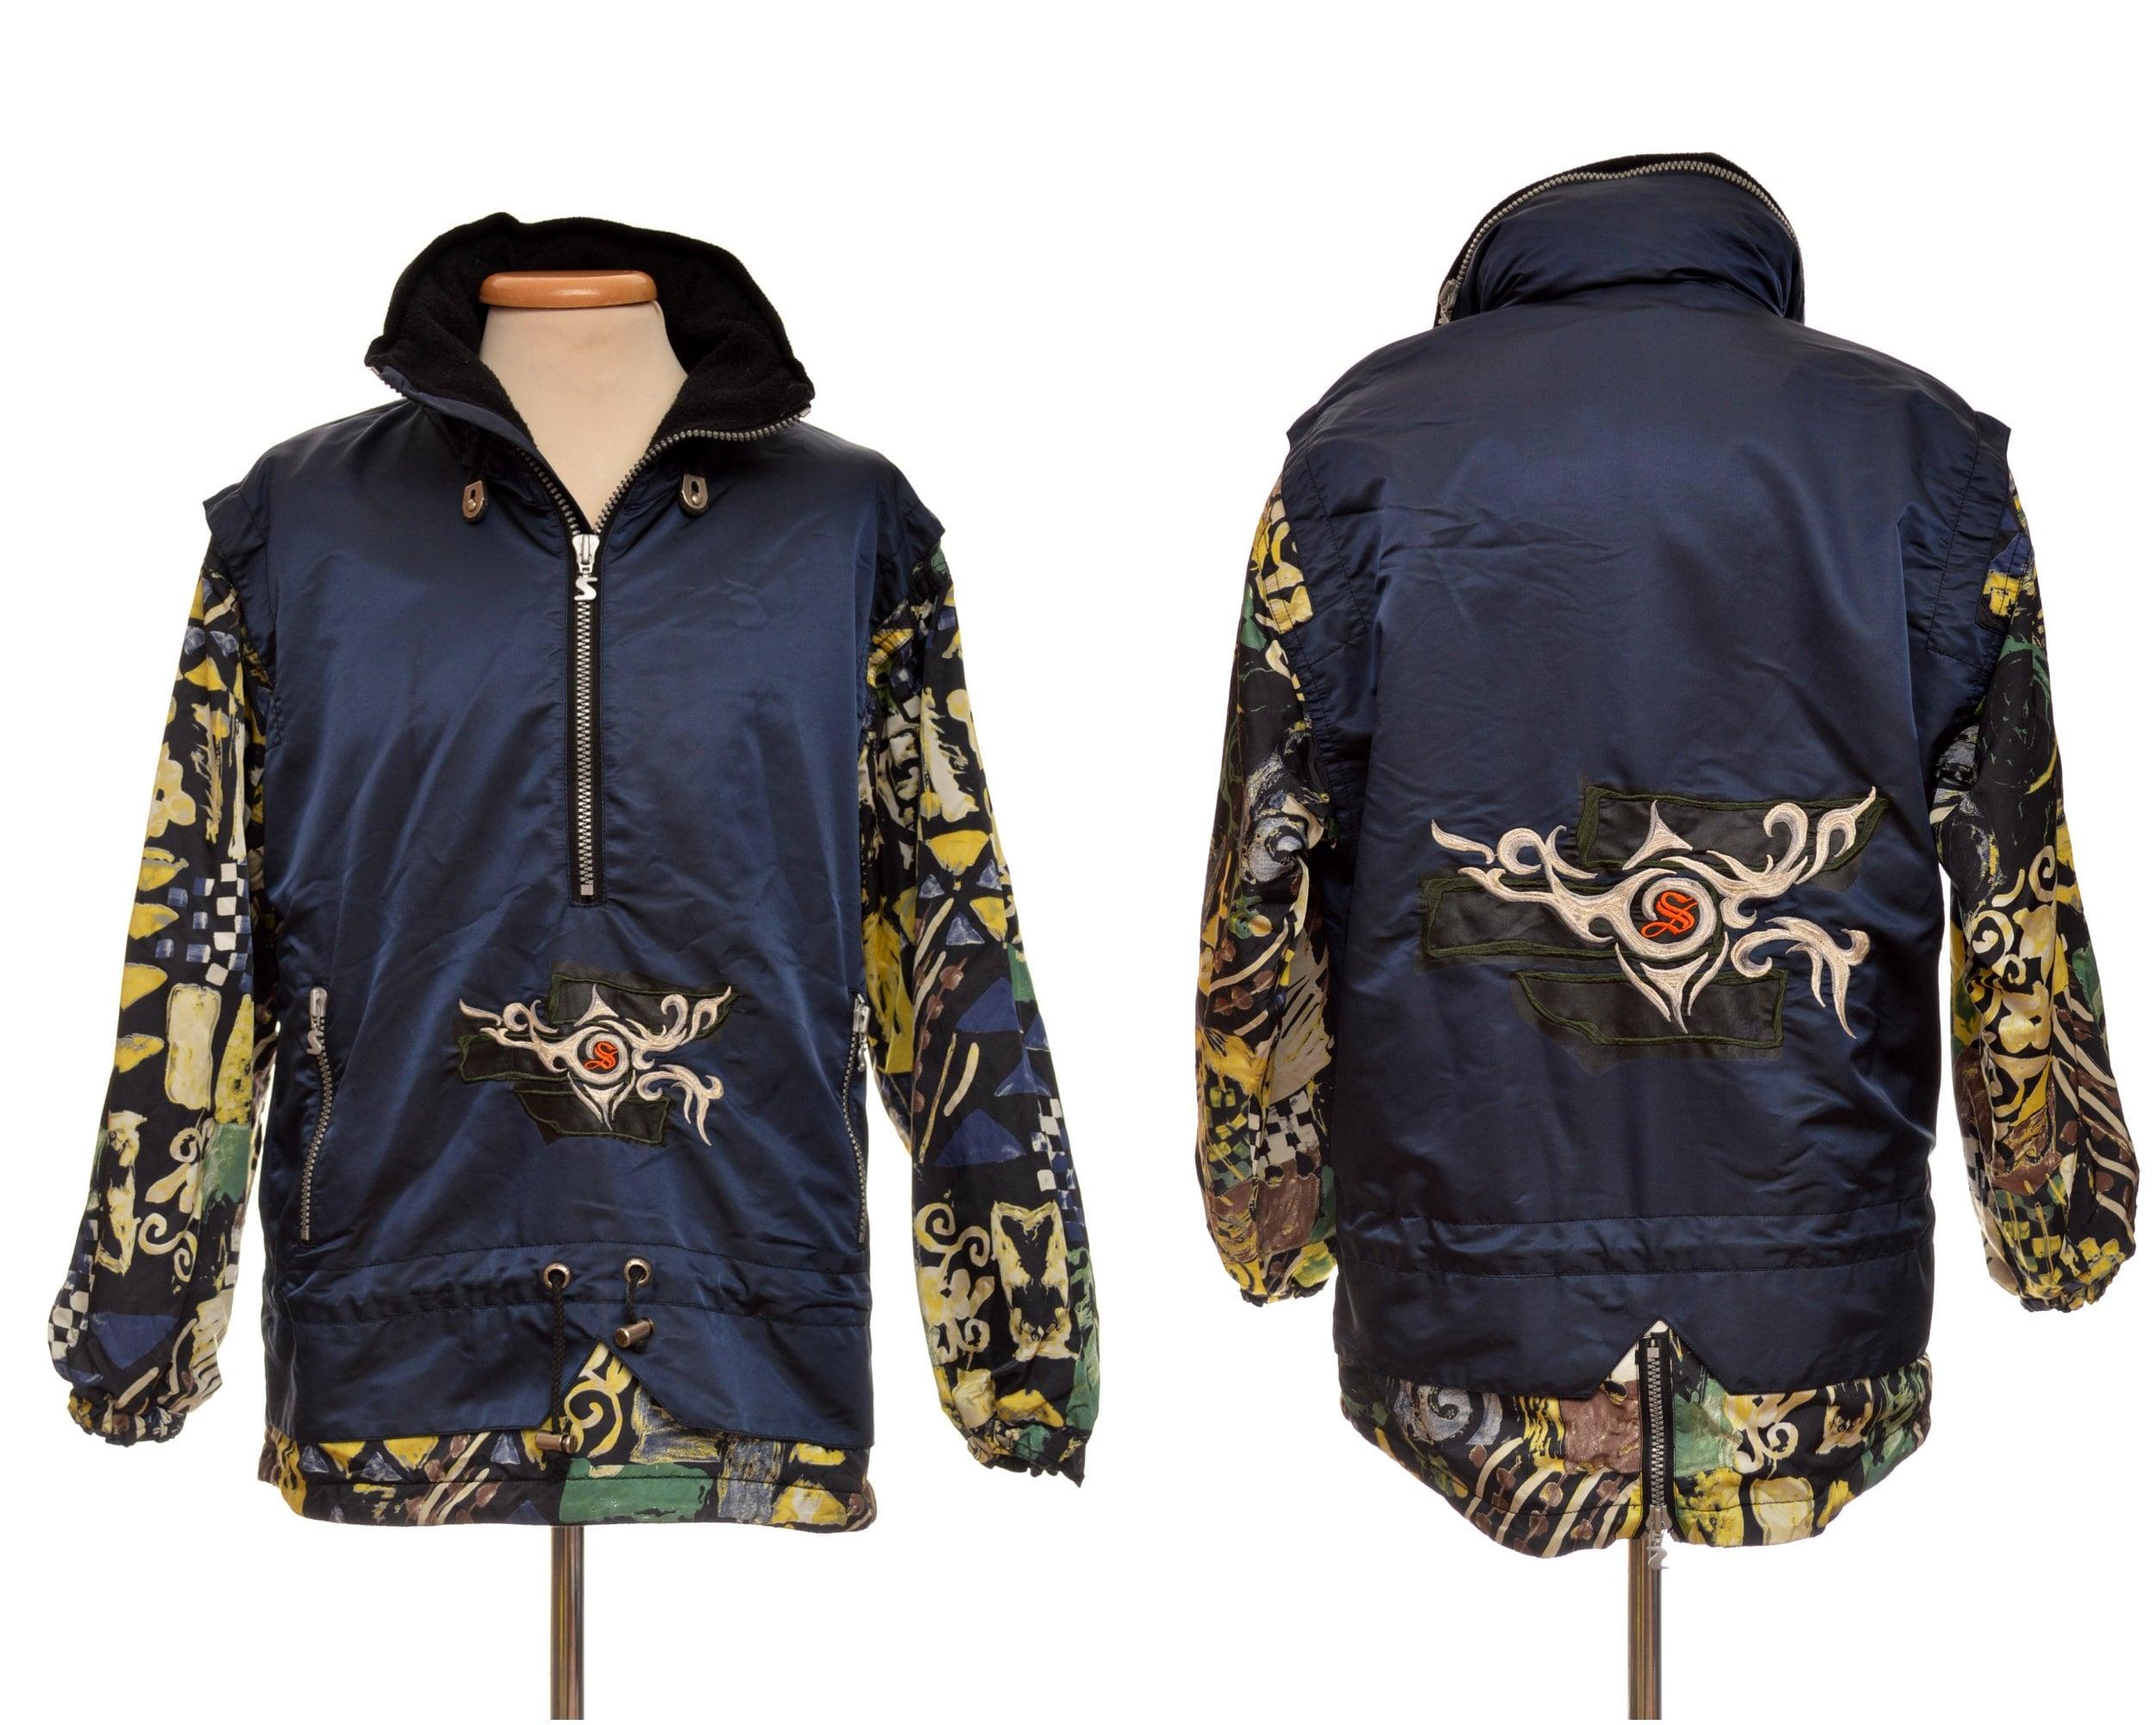 4b409b0aa5 80s 90s SKI JACKET by Sportalm Austria   part ski suit   size